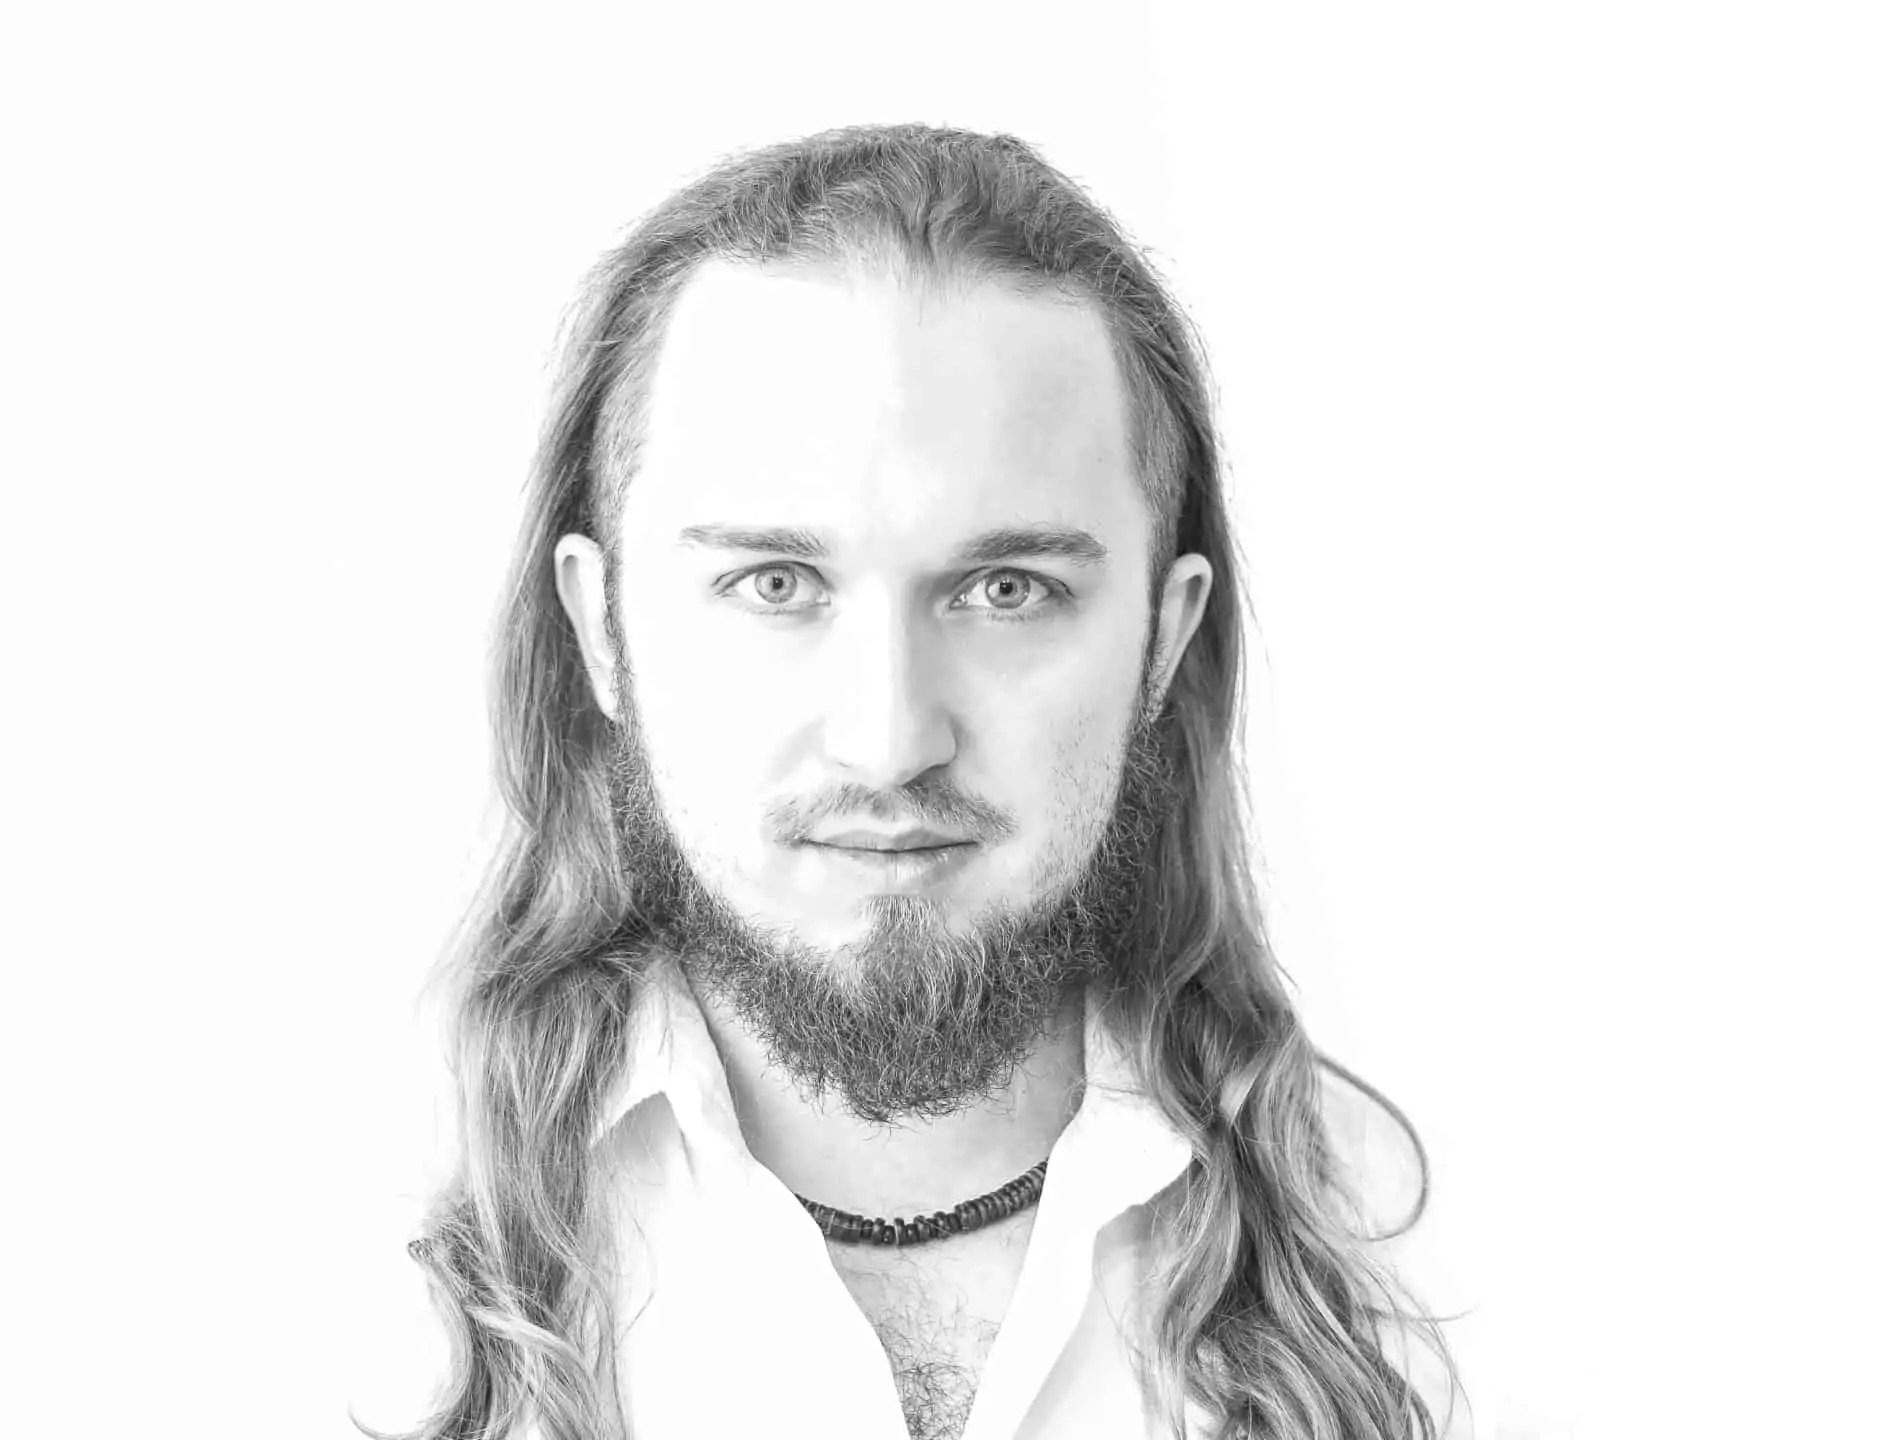 Biały portret Piotr Kowalski typ high key photography 5 - Biały portret na białym tle